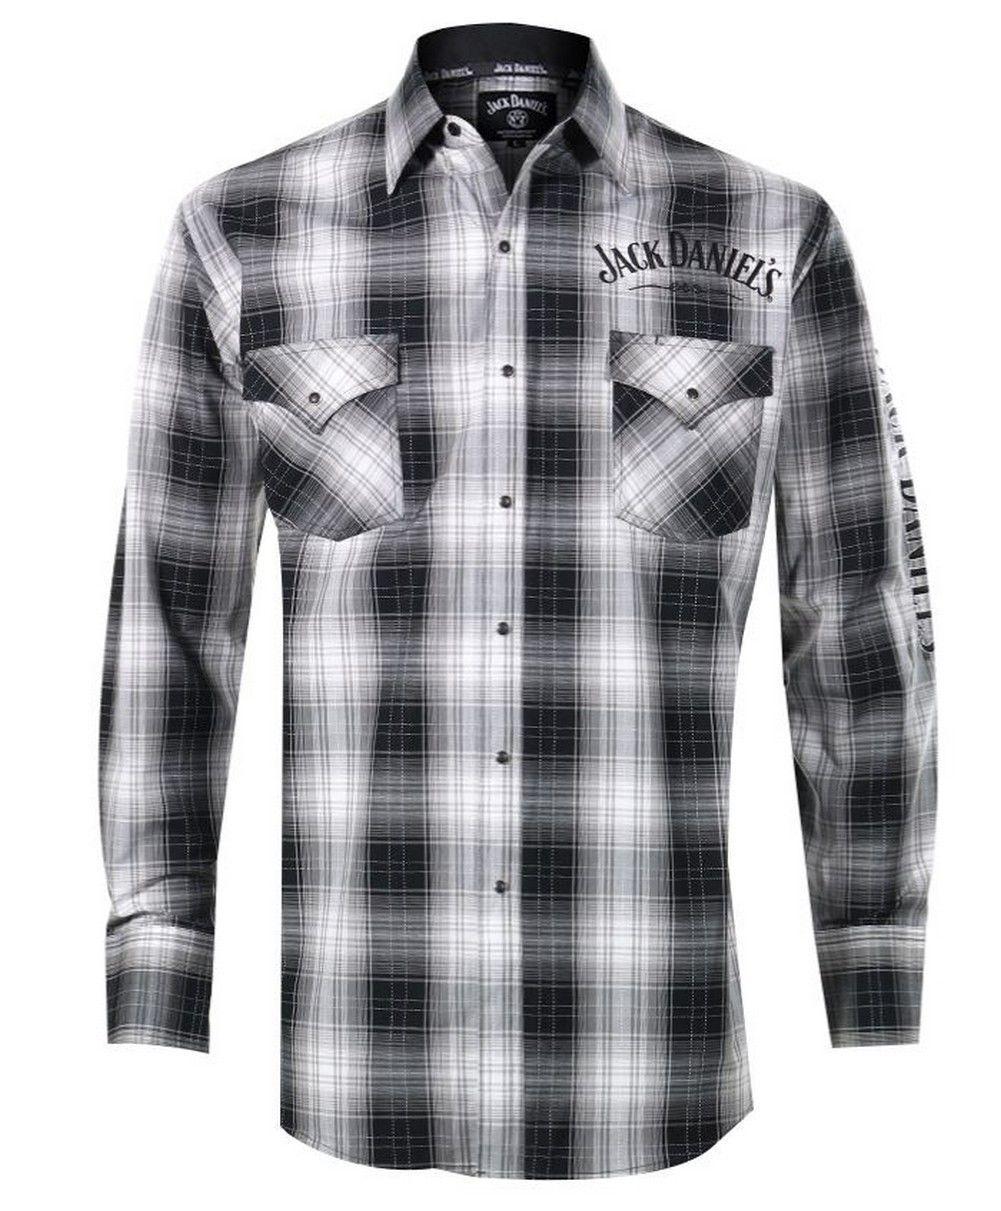 Jack Daniels Camicia Western Camicia Shirt